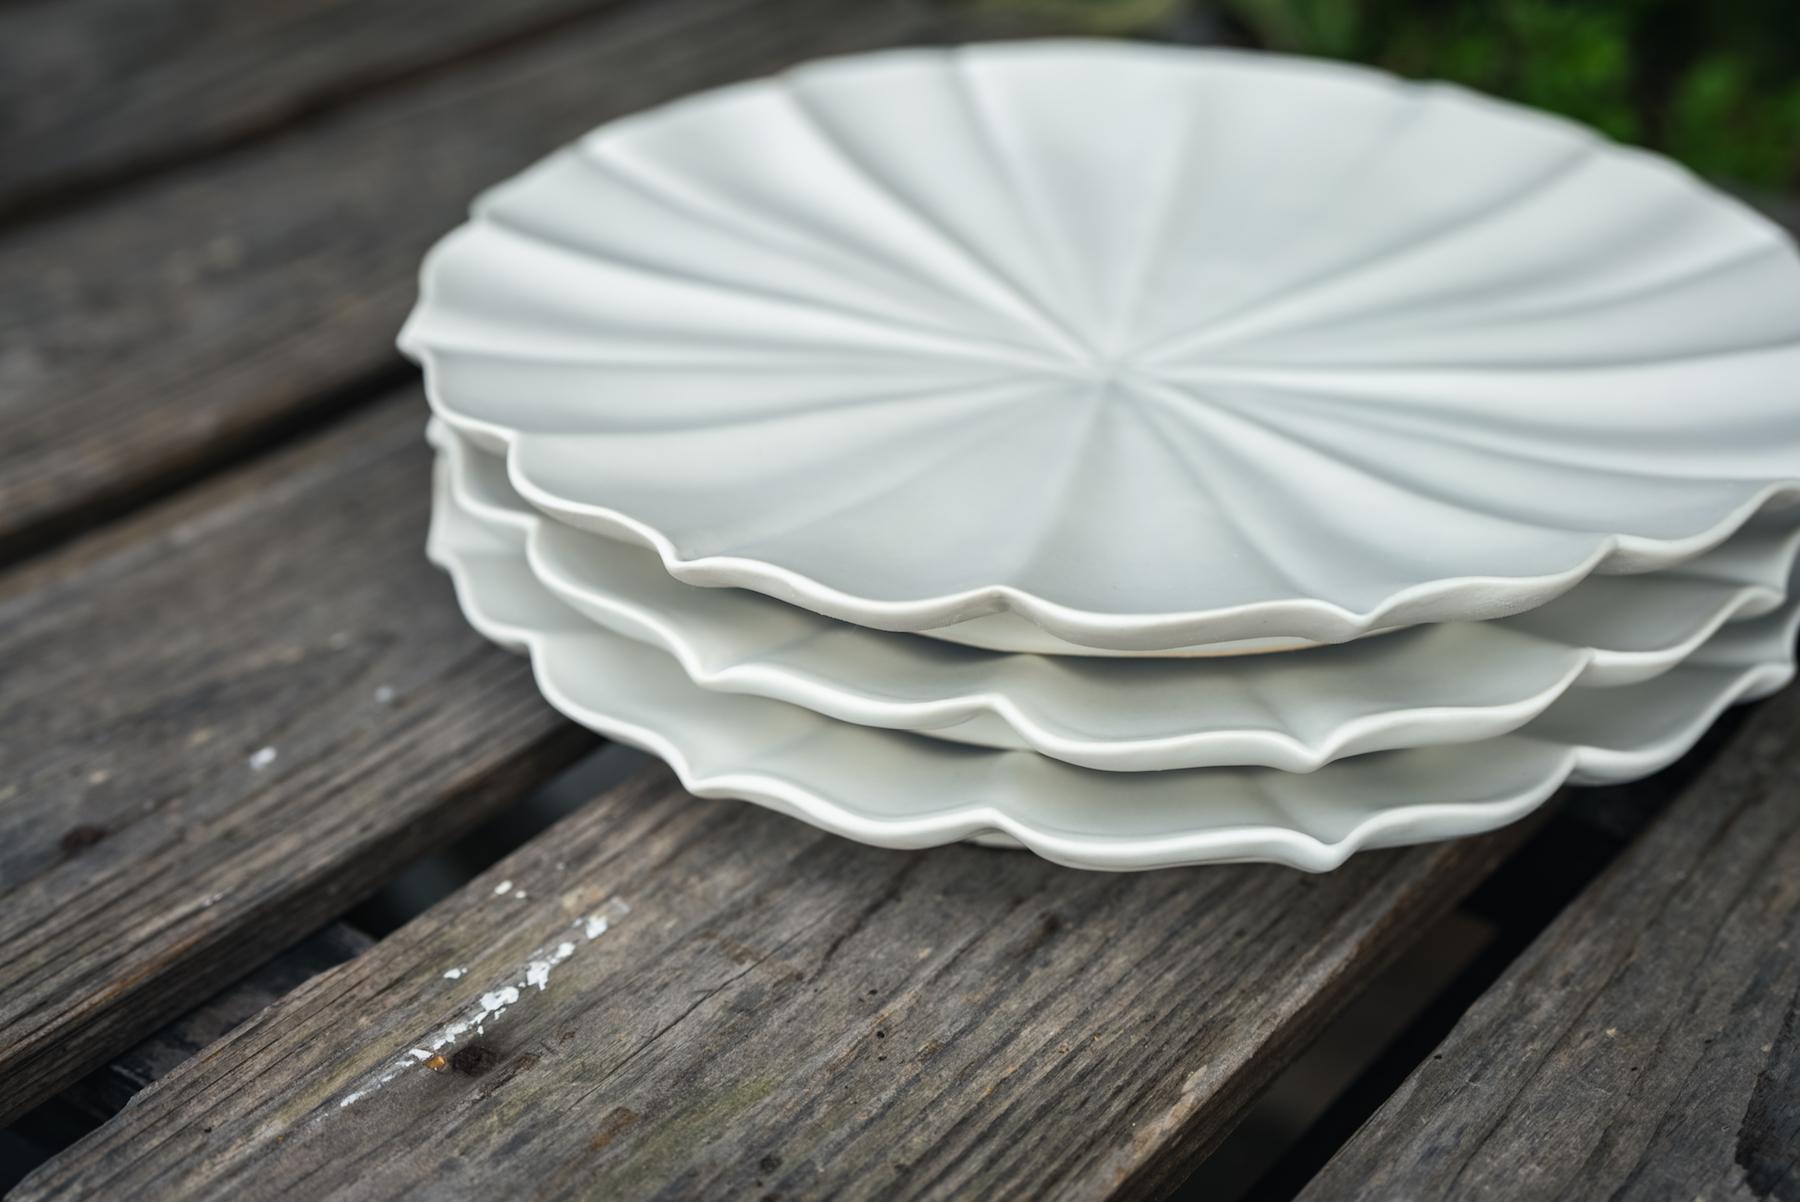 臼杵焼は手作りでつくられるため、同じ型からつくられたお皿でも、1点1点表情に違いが生まれる。この手作りの温かみが、臼杵焼の魅力の一つ。